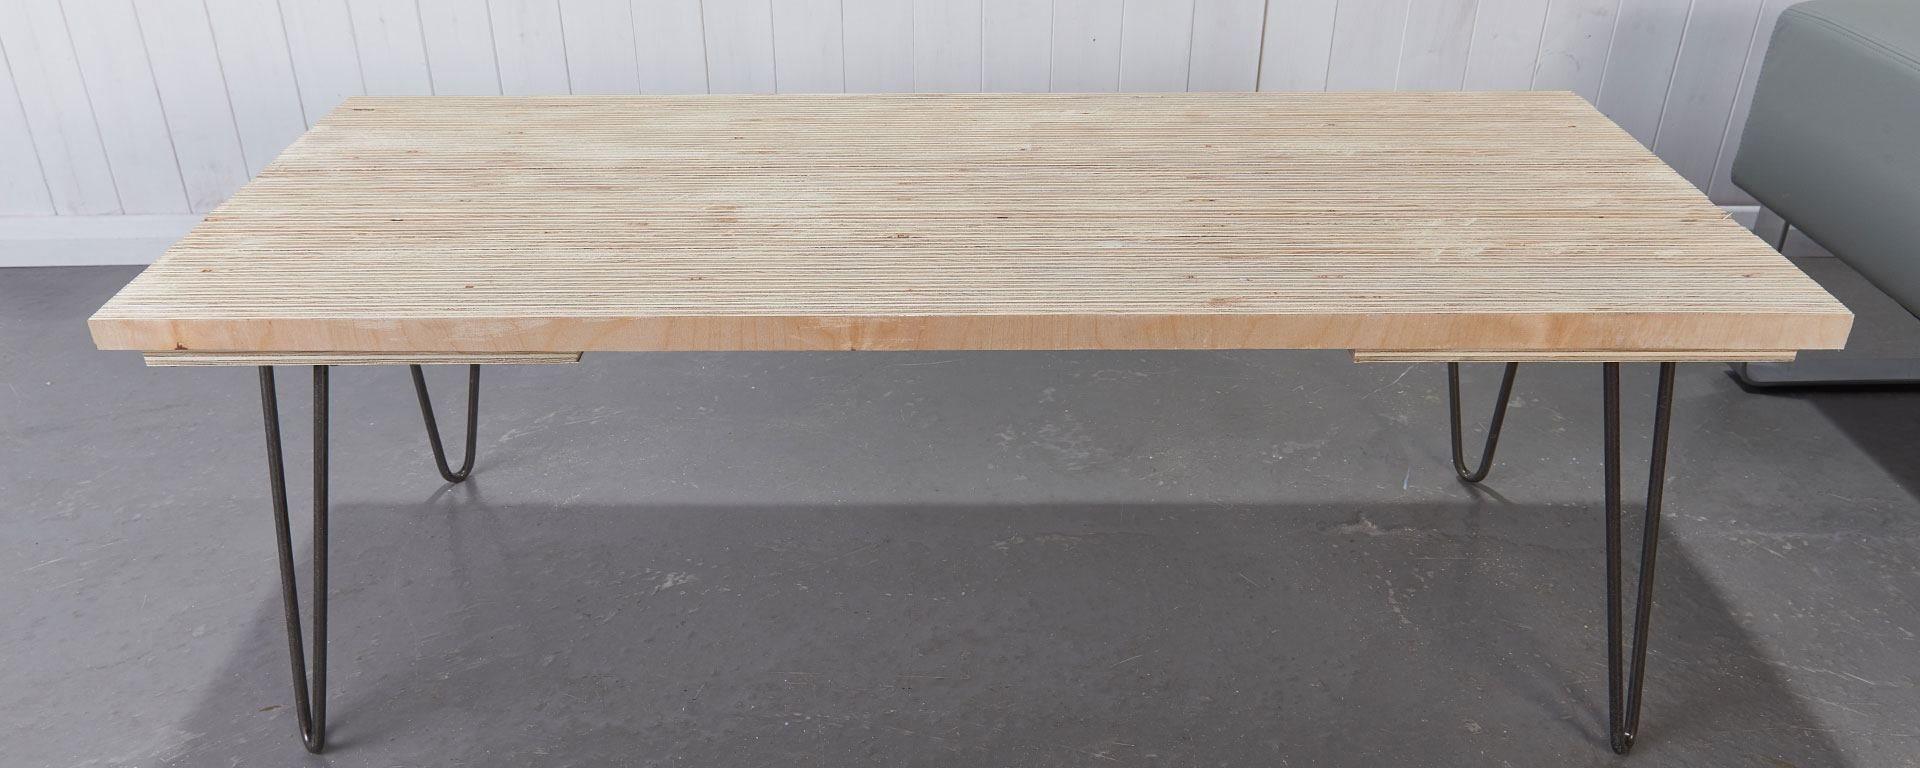 Maintenant Que Vous Avez Réalisé Votre Table Basse, Fabriquer Le Meuble TV  En Bois.